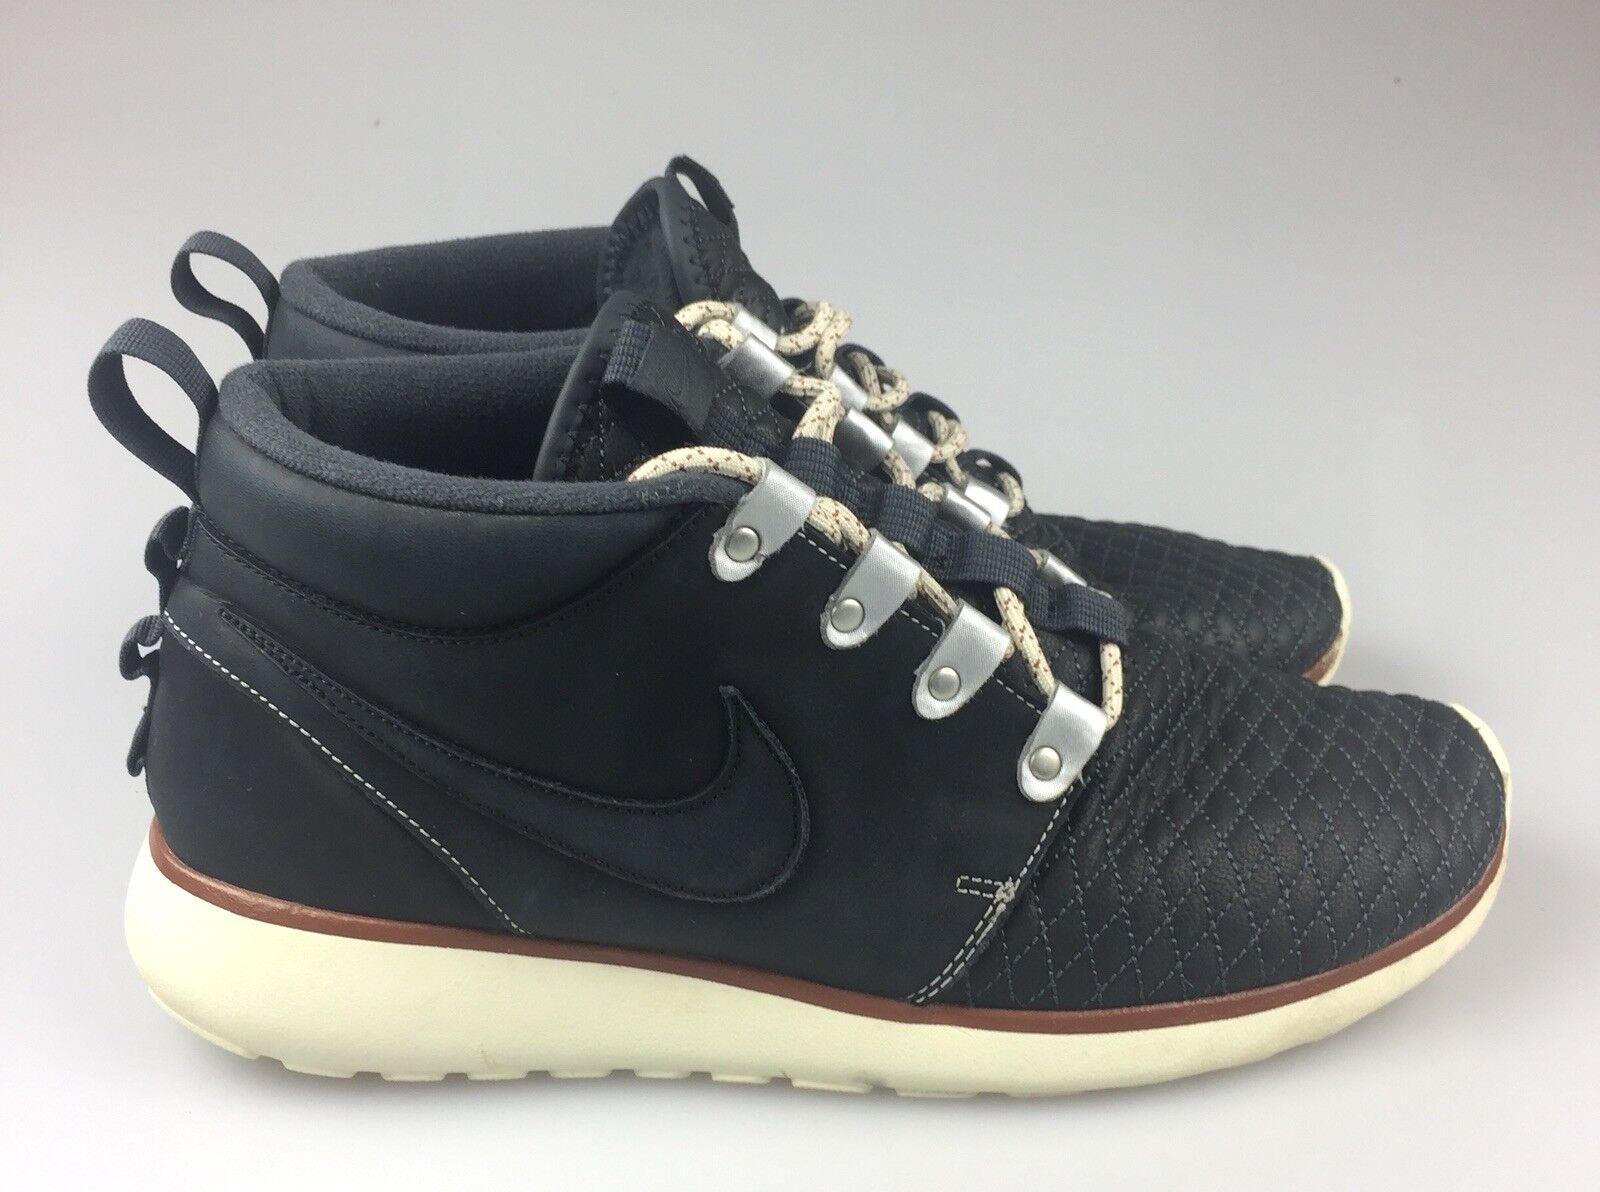 Nike roshe una scarpa - boot (639165-001) trapuntata - scarpa chukka uomini '11,5 813983